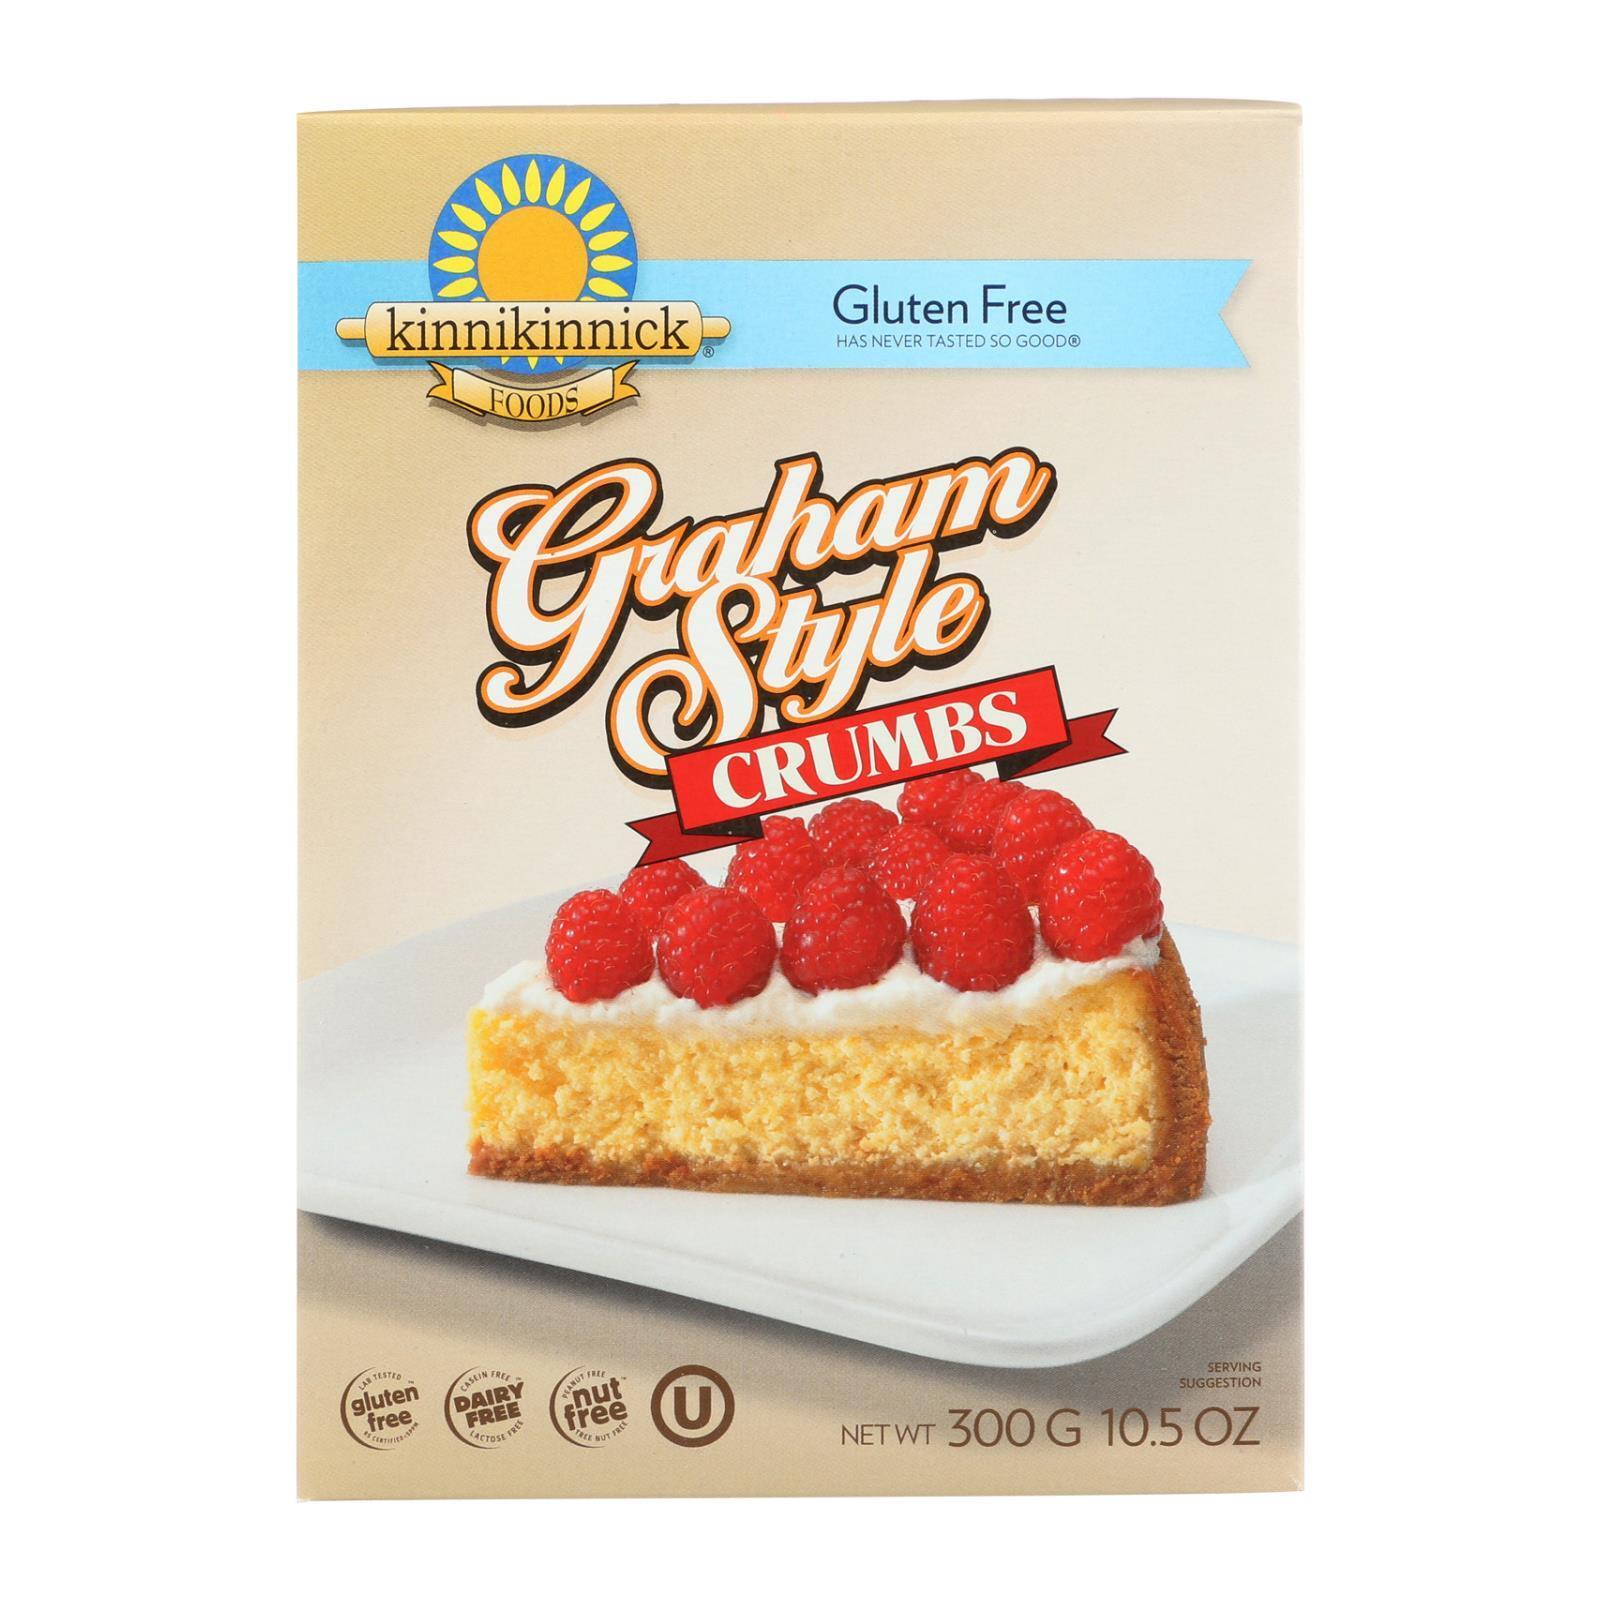 Kinnikinnick Graham Style Crumbs - Case of 6 - 10.5 oz.